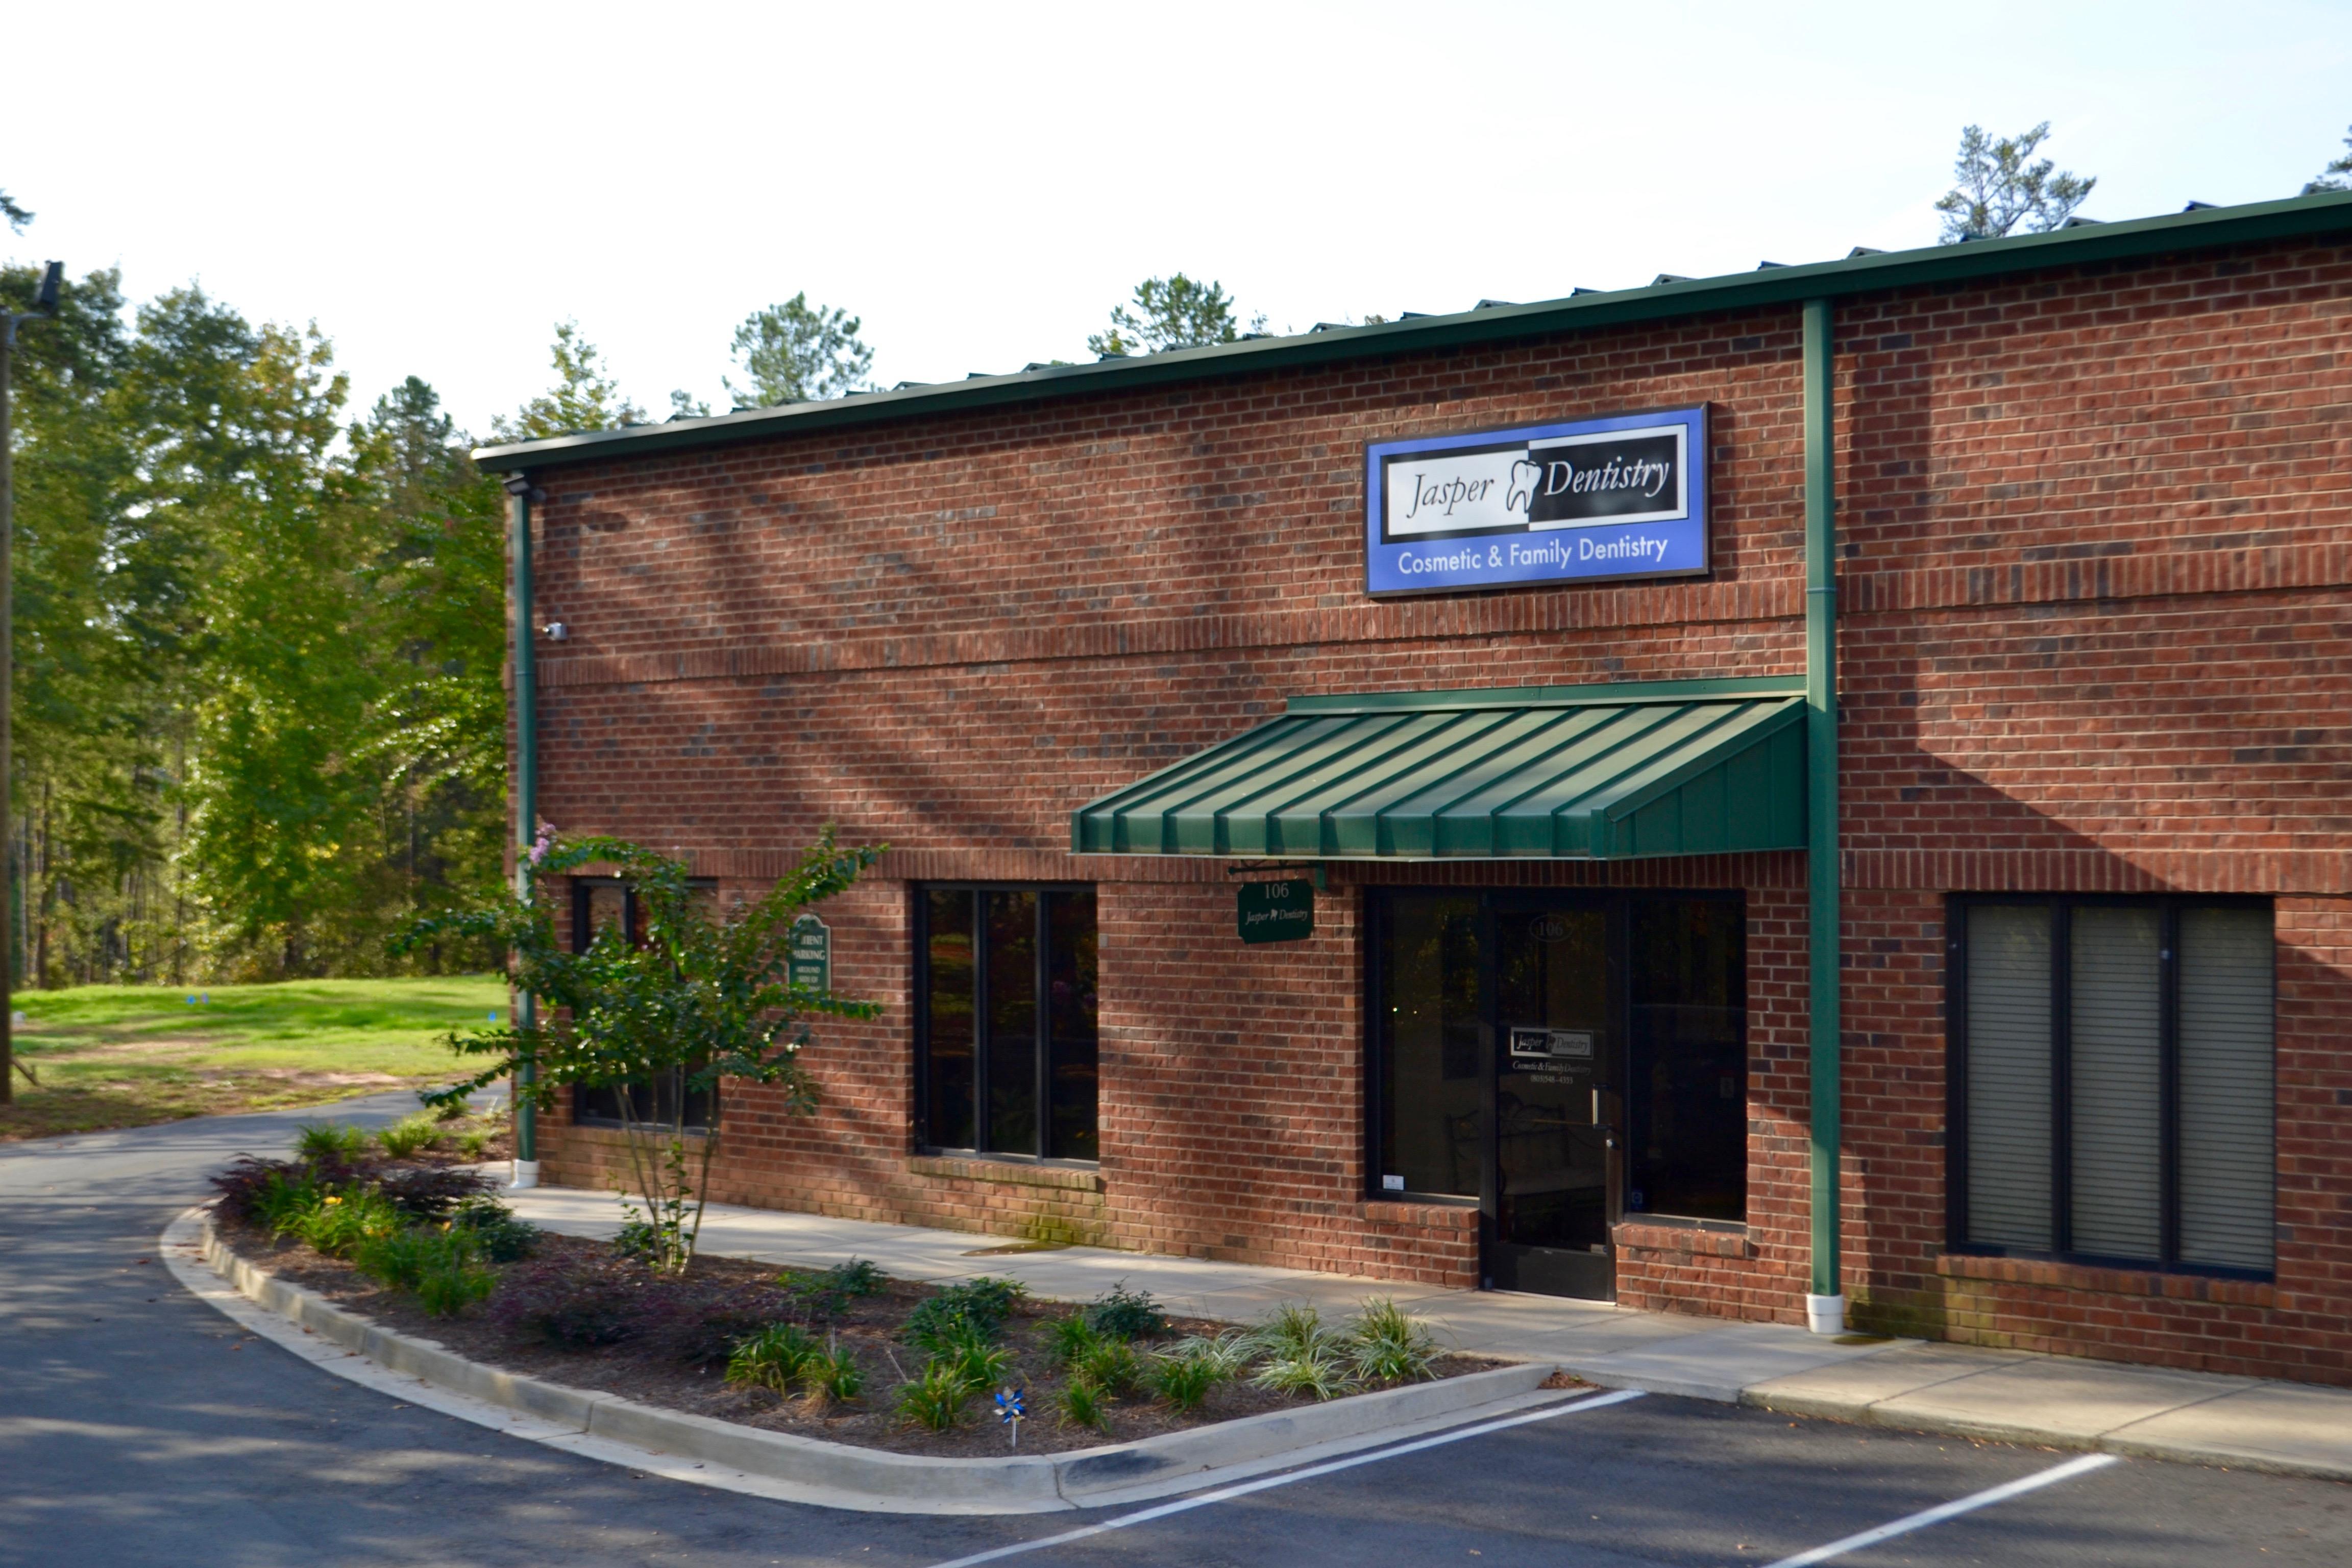 Jasper Dentistry Office Building